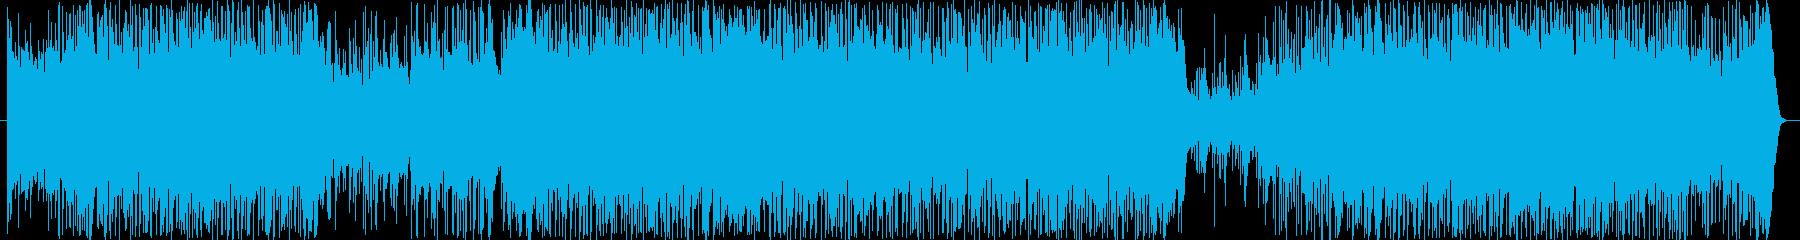 爽快なポップロックの再生済みの波形